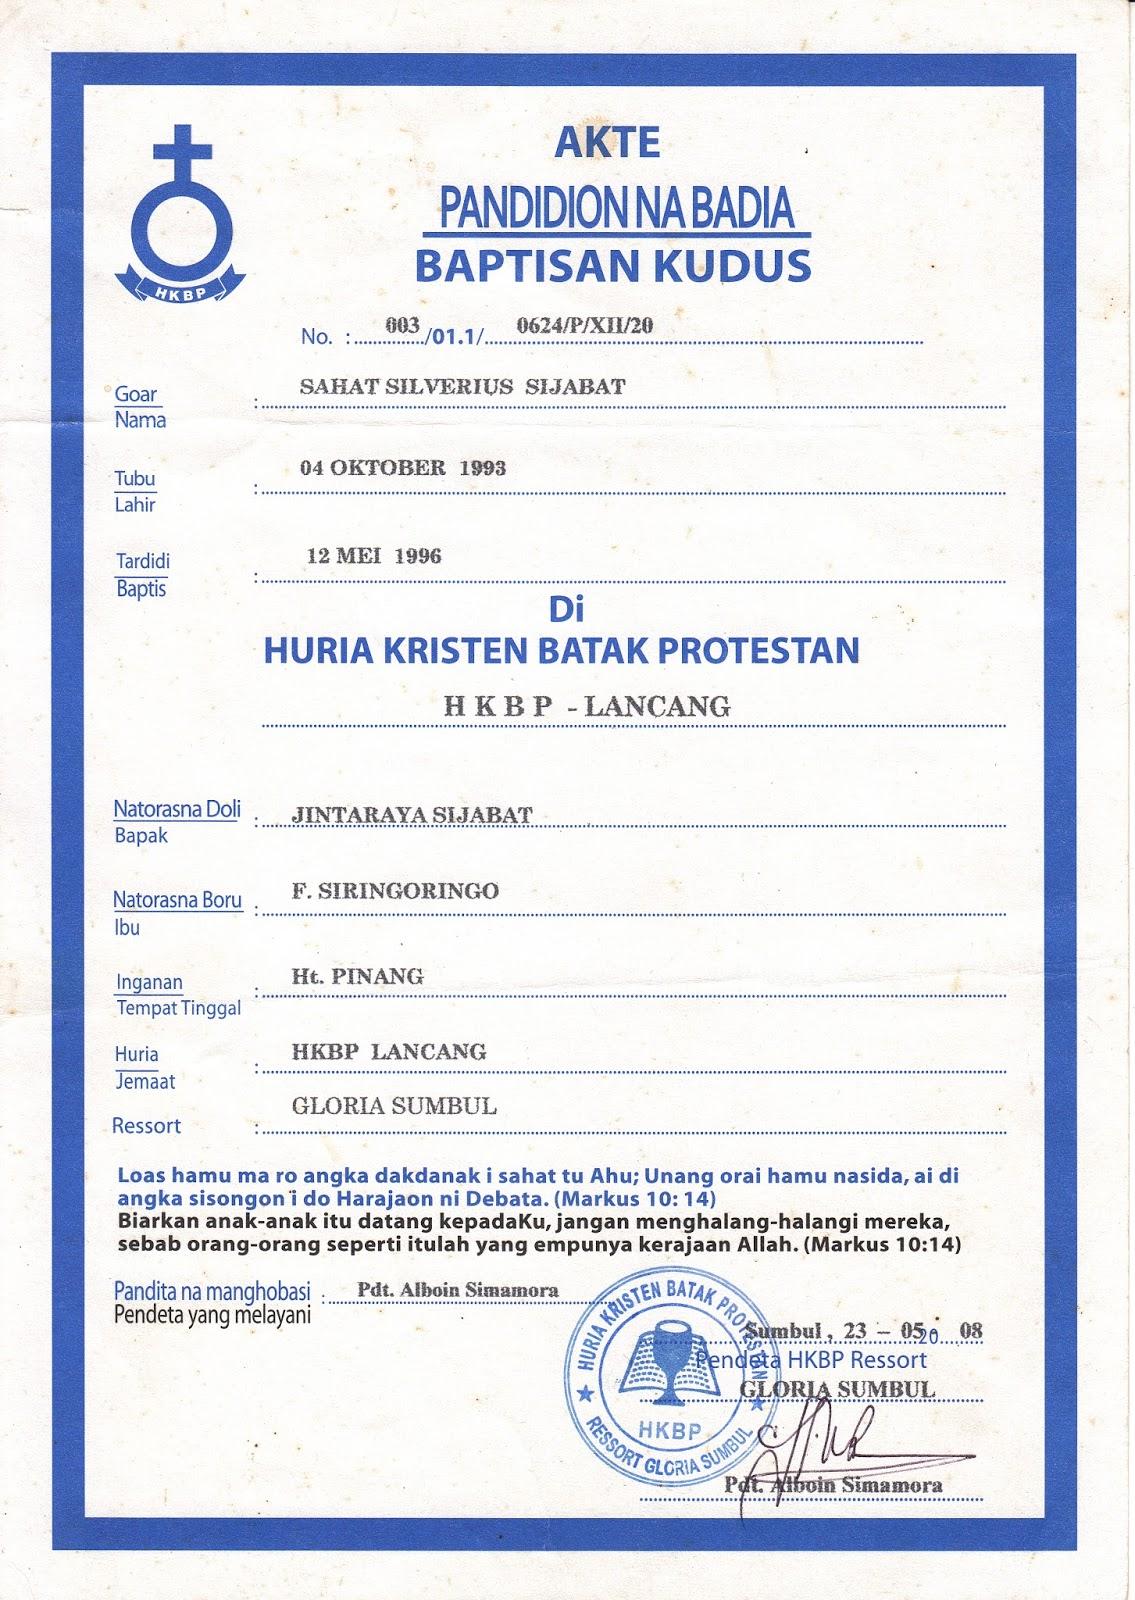 Surat Babtis Tardidi Di Gereja Hkbp